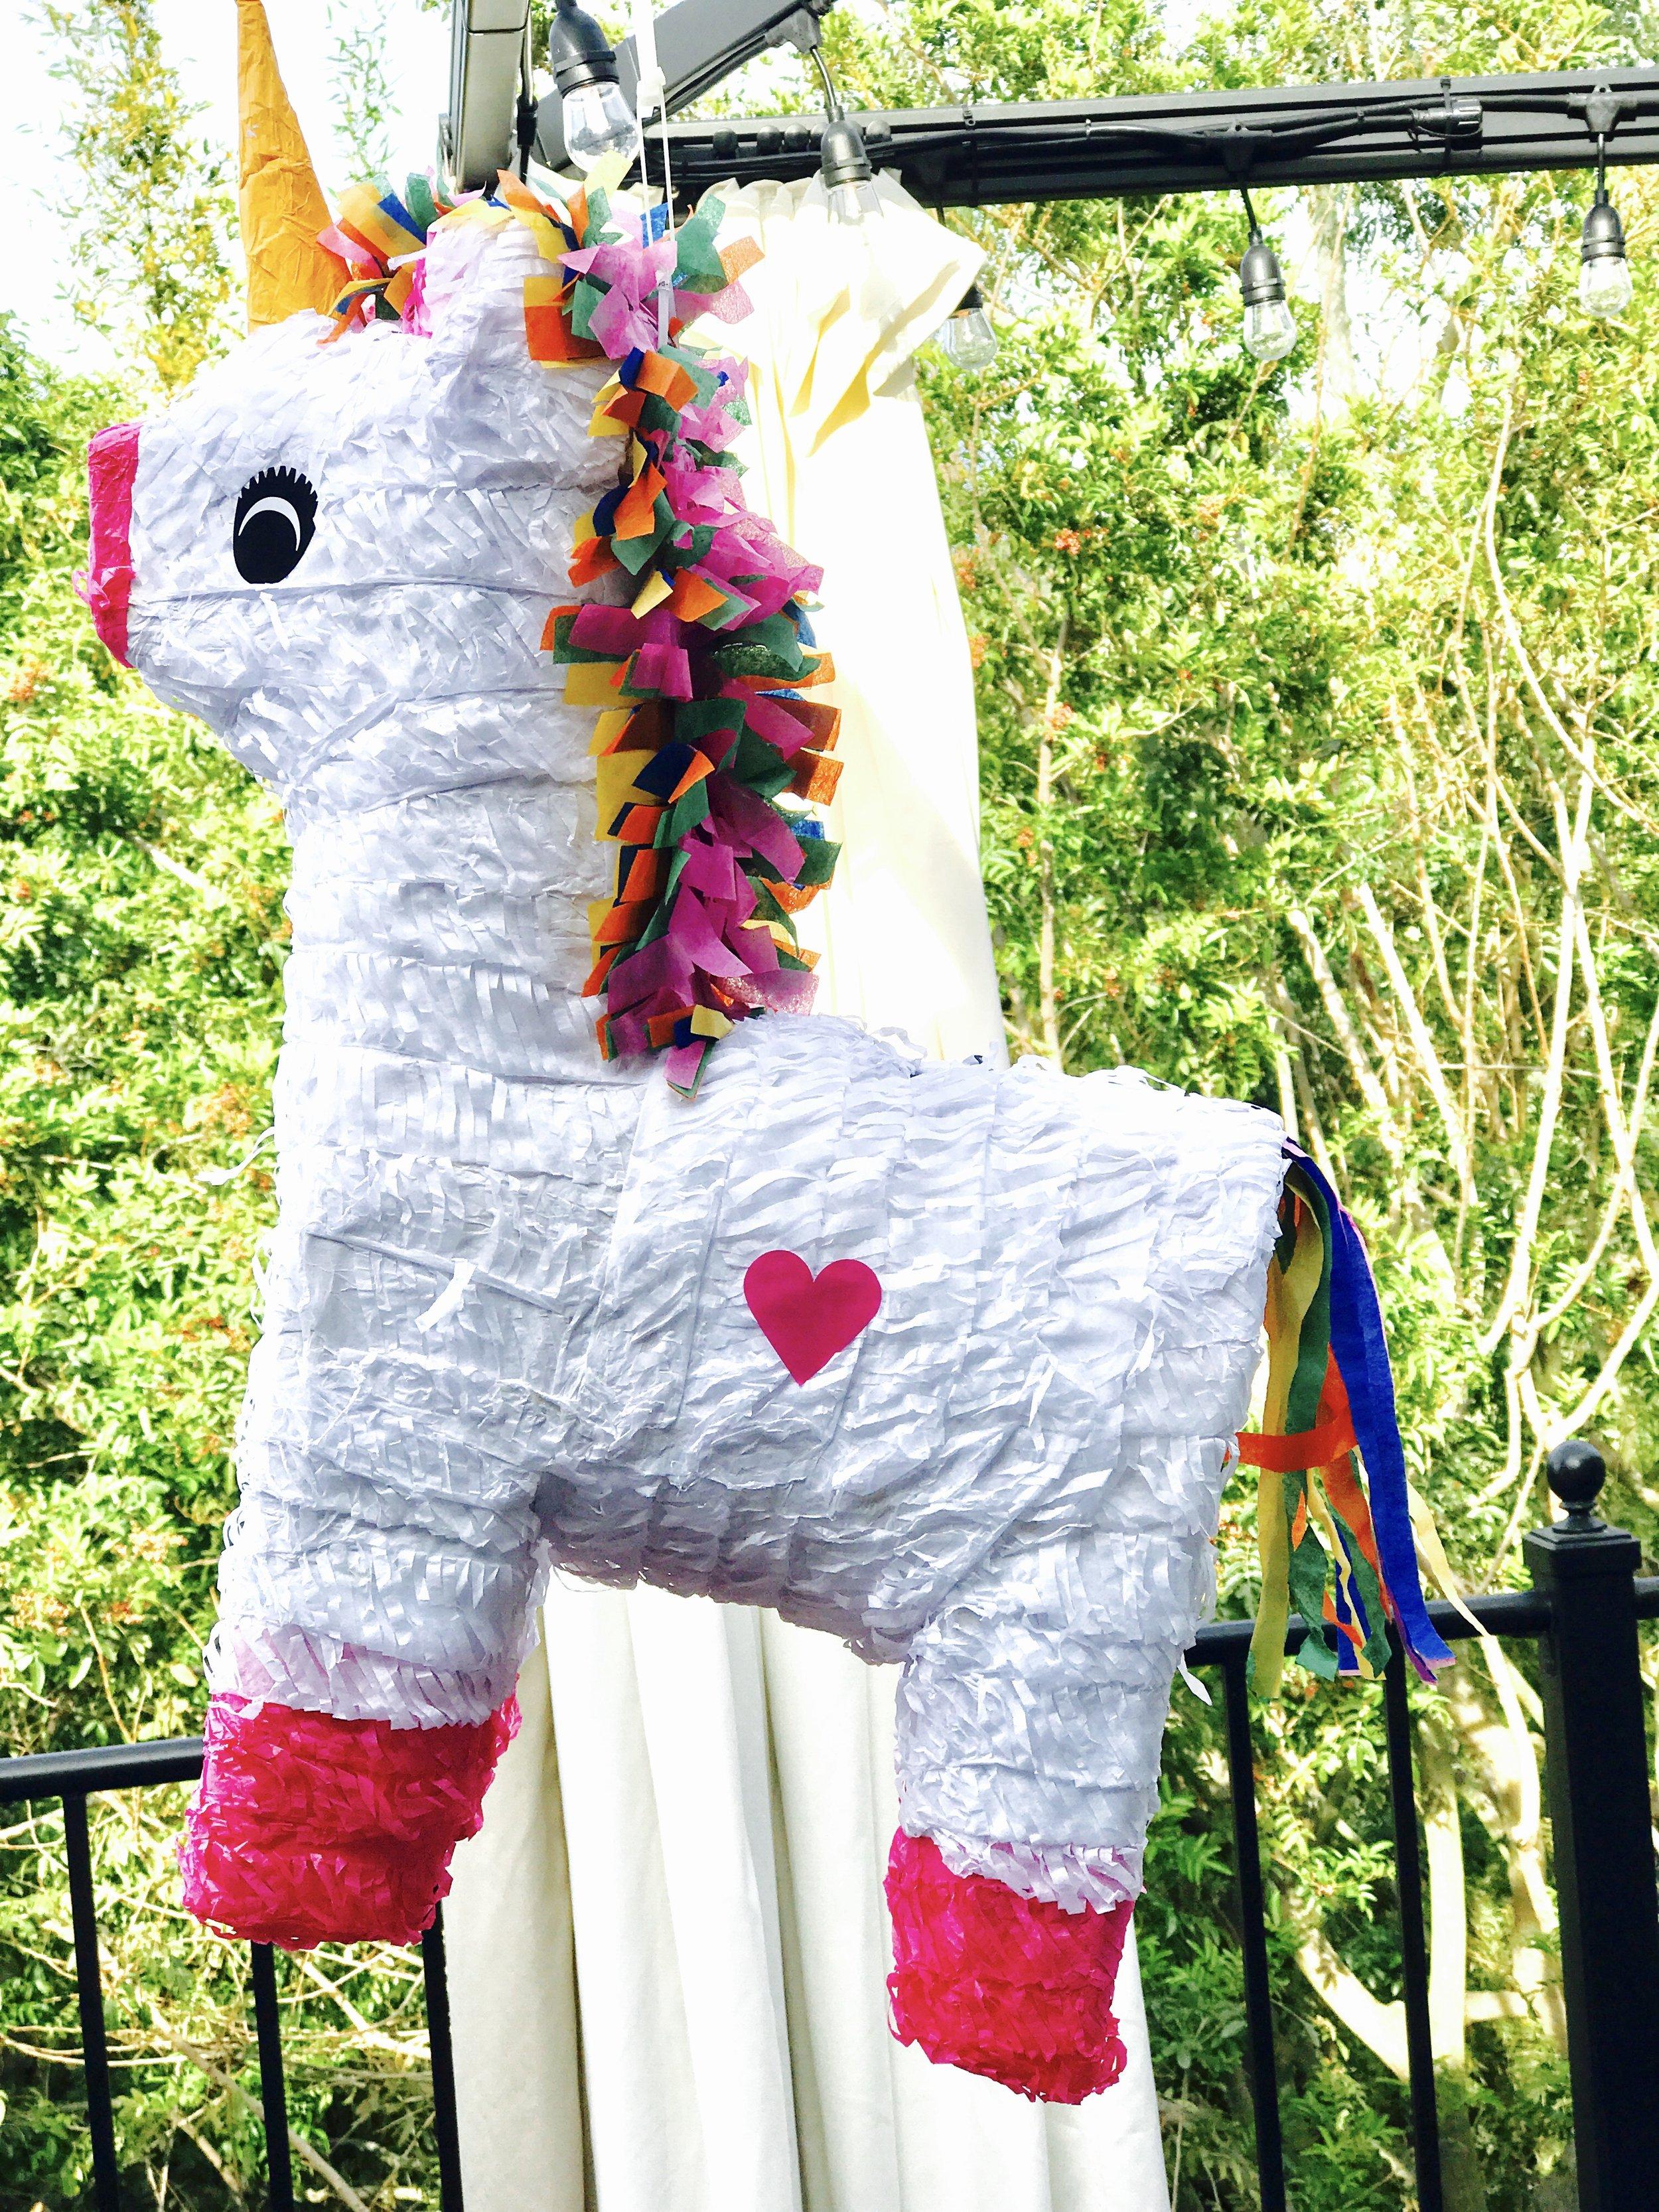 Självklart köpte vi en unicorn pinjata som var fylld med godis och presenter.